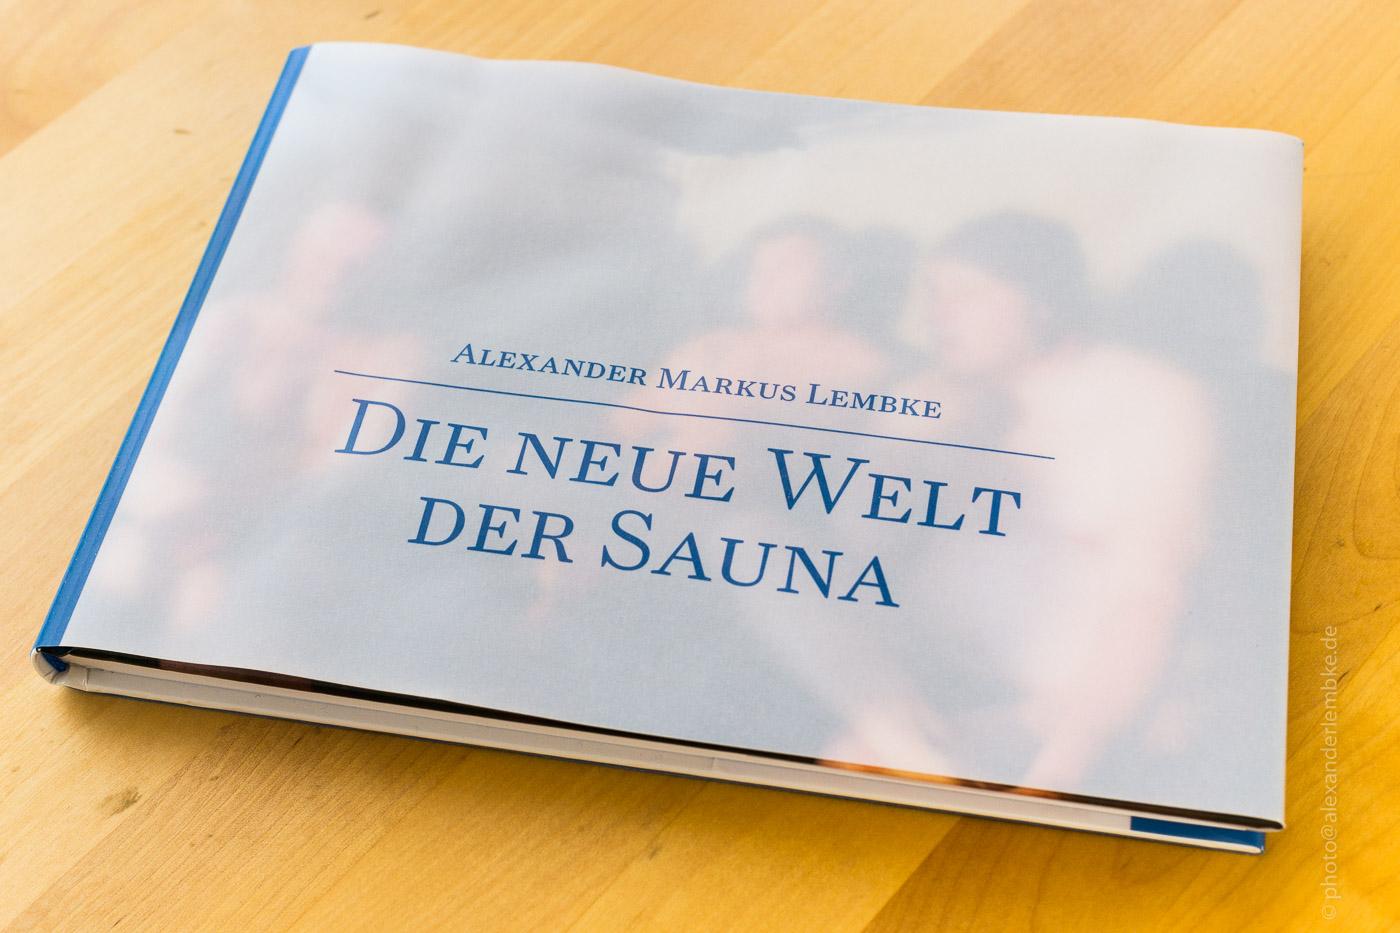 01_katalog_kunsthaus_2018_alexanderlembke_de